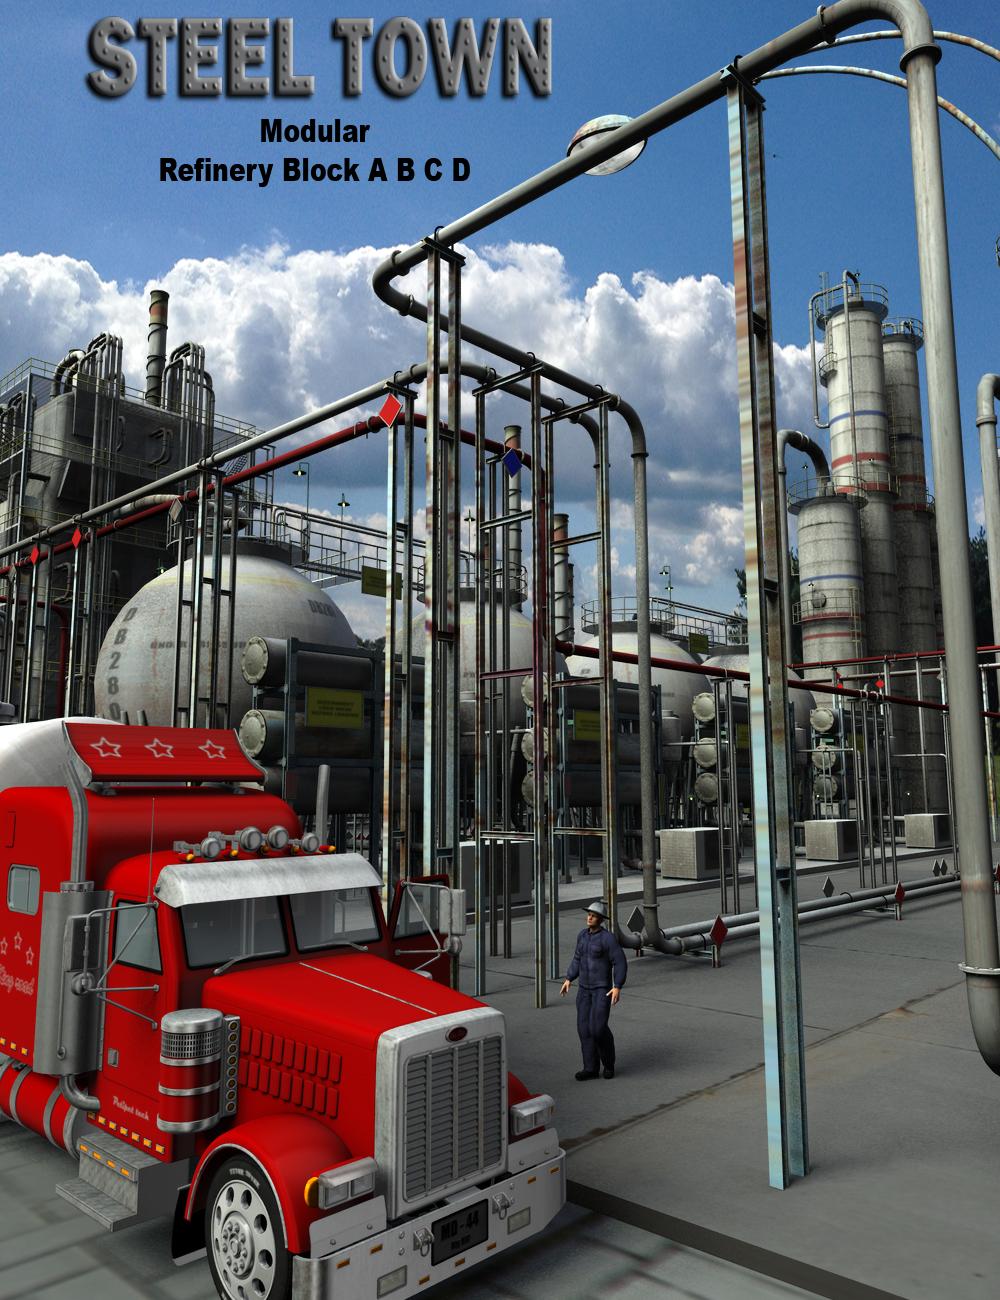 Steel Town Refinery Bundle by: DarkMatter, 3D Models by Daz 3D